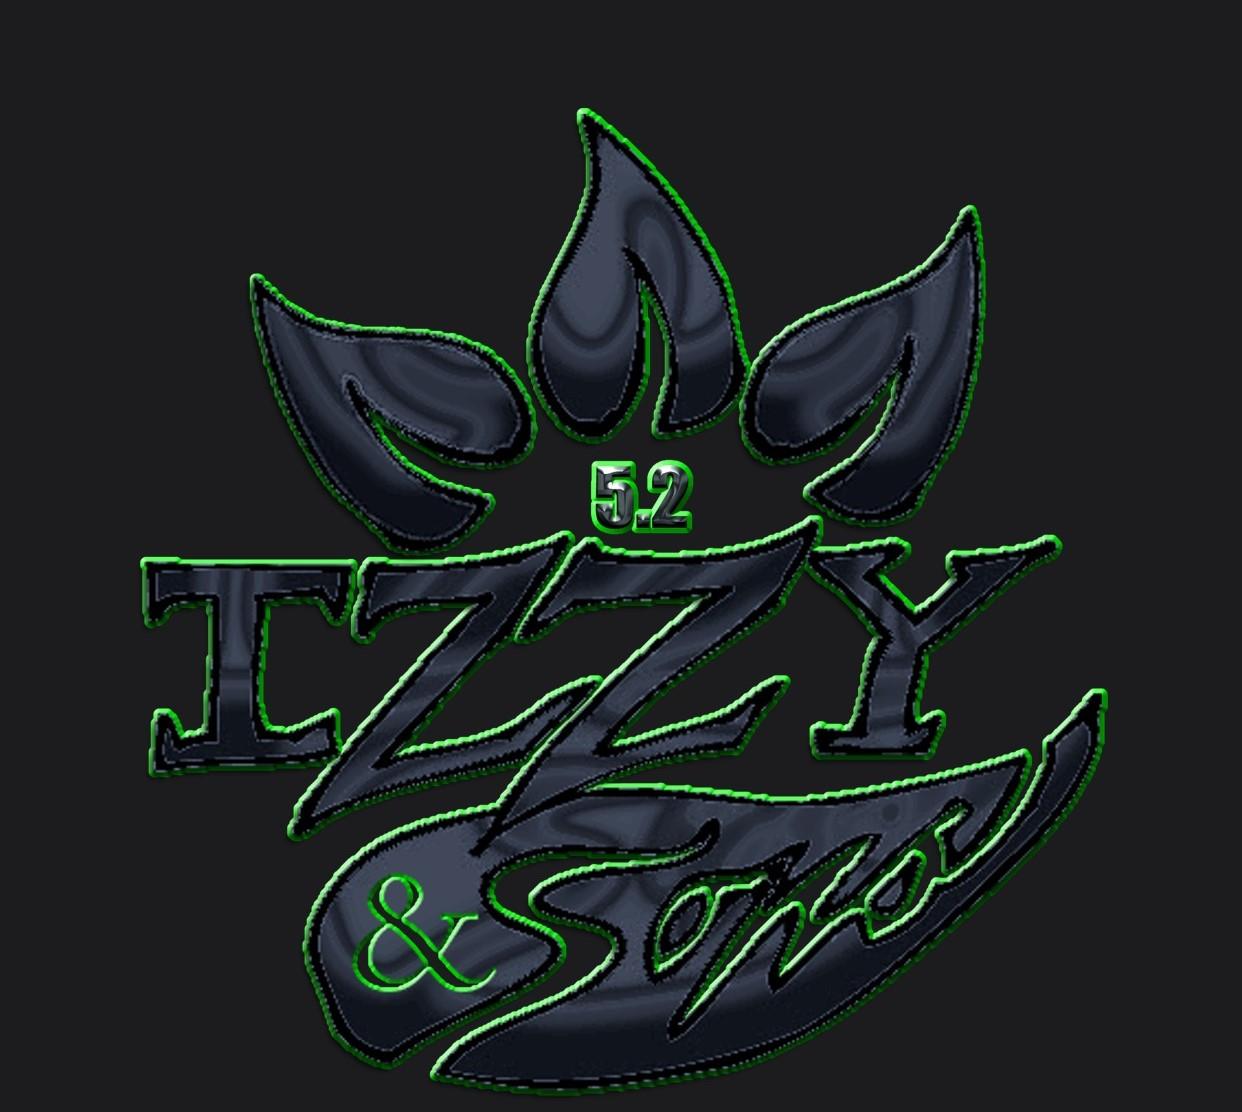 Izzy & Sons LLC